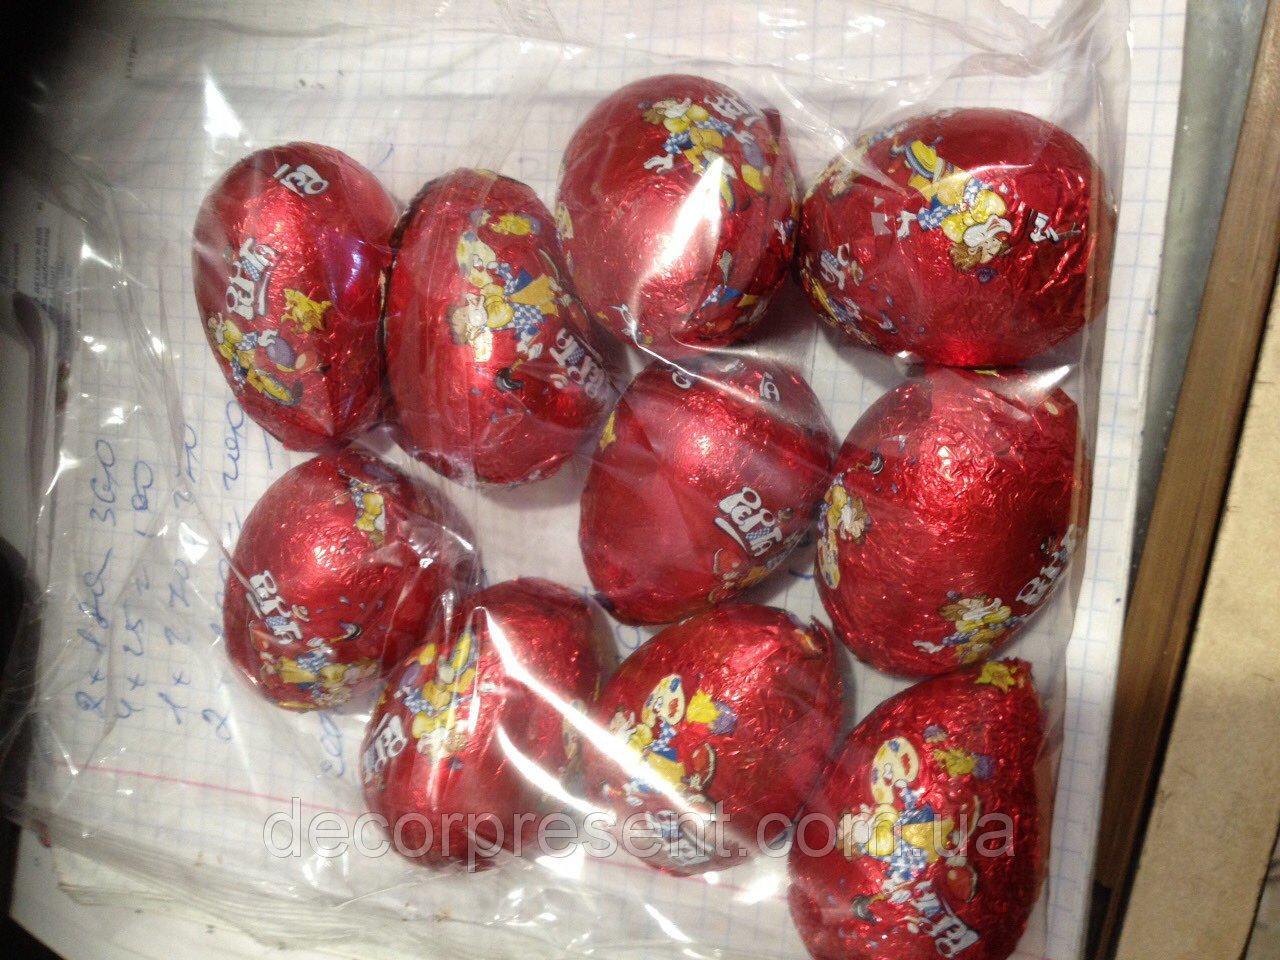 Шоколадные - пасхальные яйца/в упаковке 10 шт, 23 г. одно яйцо/